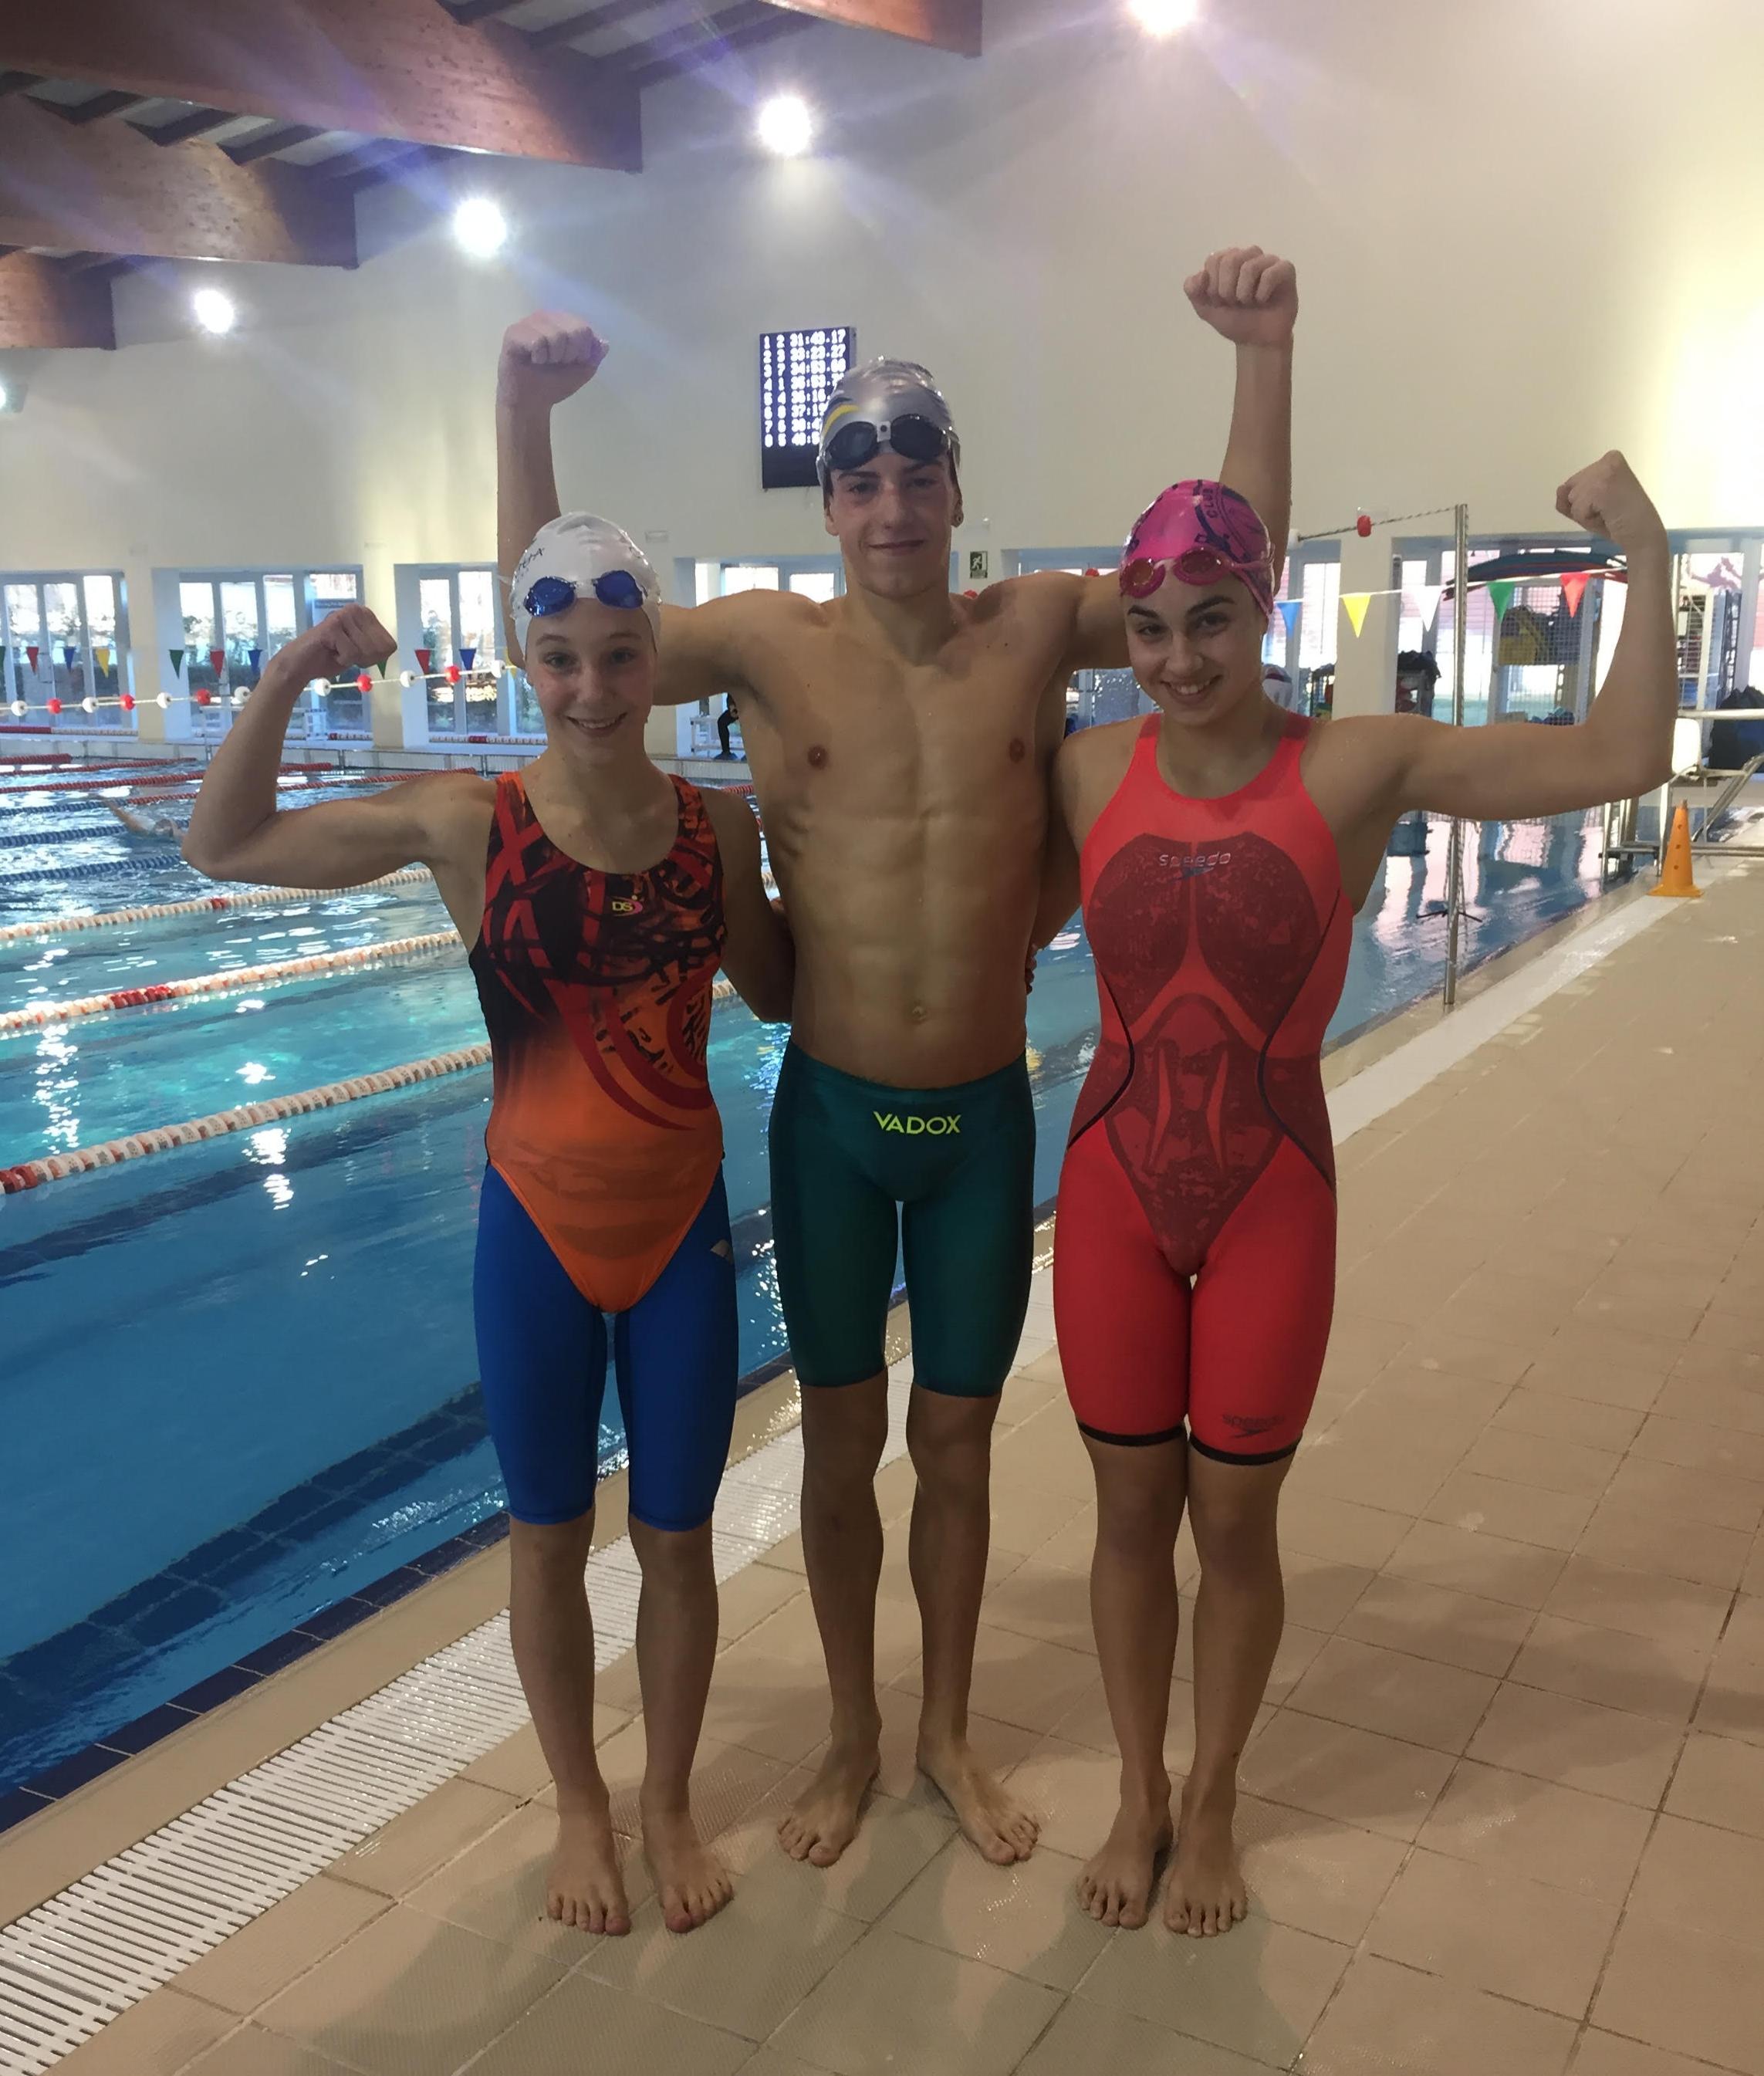 De izquierda a derecha: Andrea Panazán, Marcos Godoy y Alba Romero. Los tres nadadores consiguieron récords absolutos.